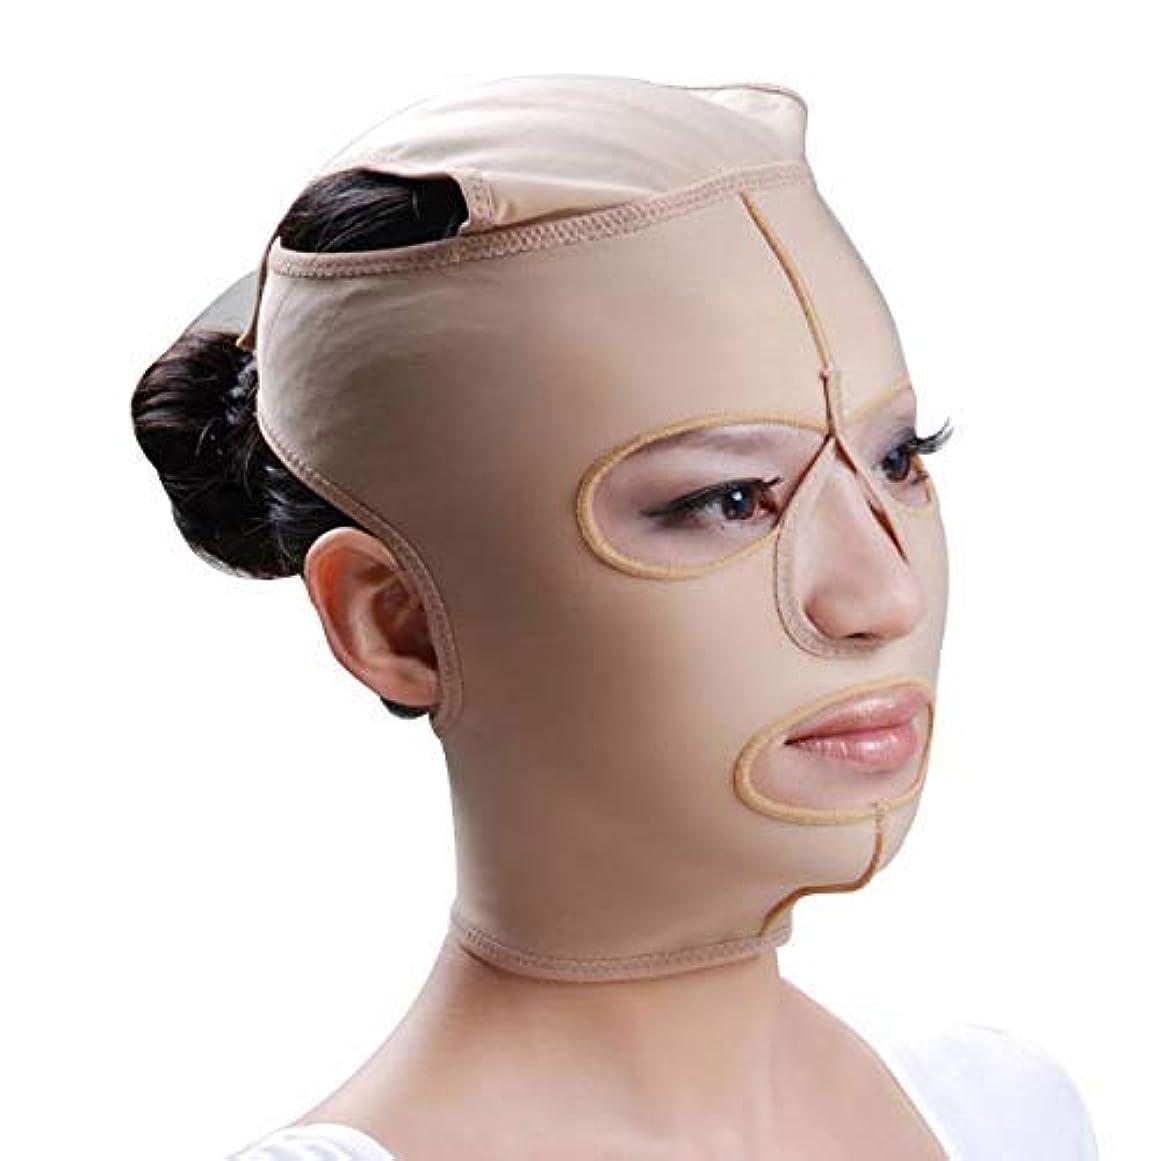 記念碑的なライバル流暢ファーミングフェイスマスク、フェイシャルマスクエラスティックフェイスリフティングリフティングファーミングパターンマイクロフィニッシングポストモデリングコンプレッションフェイスマスク(サイズ:S),M